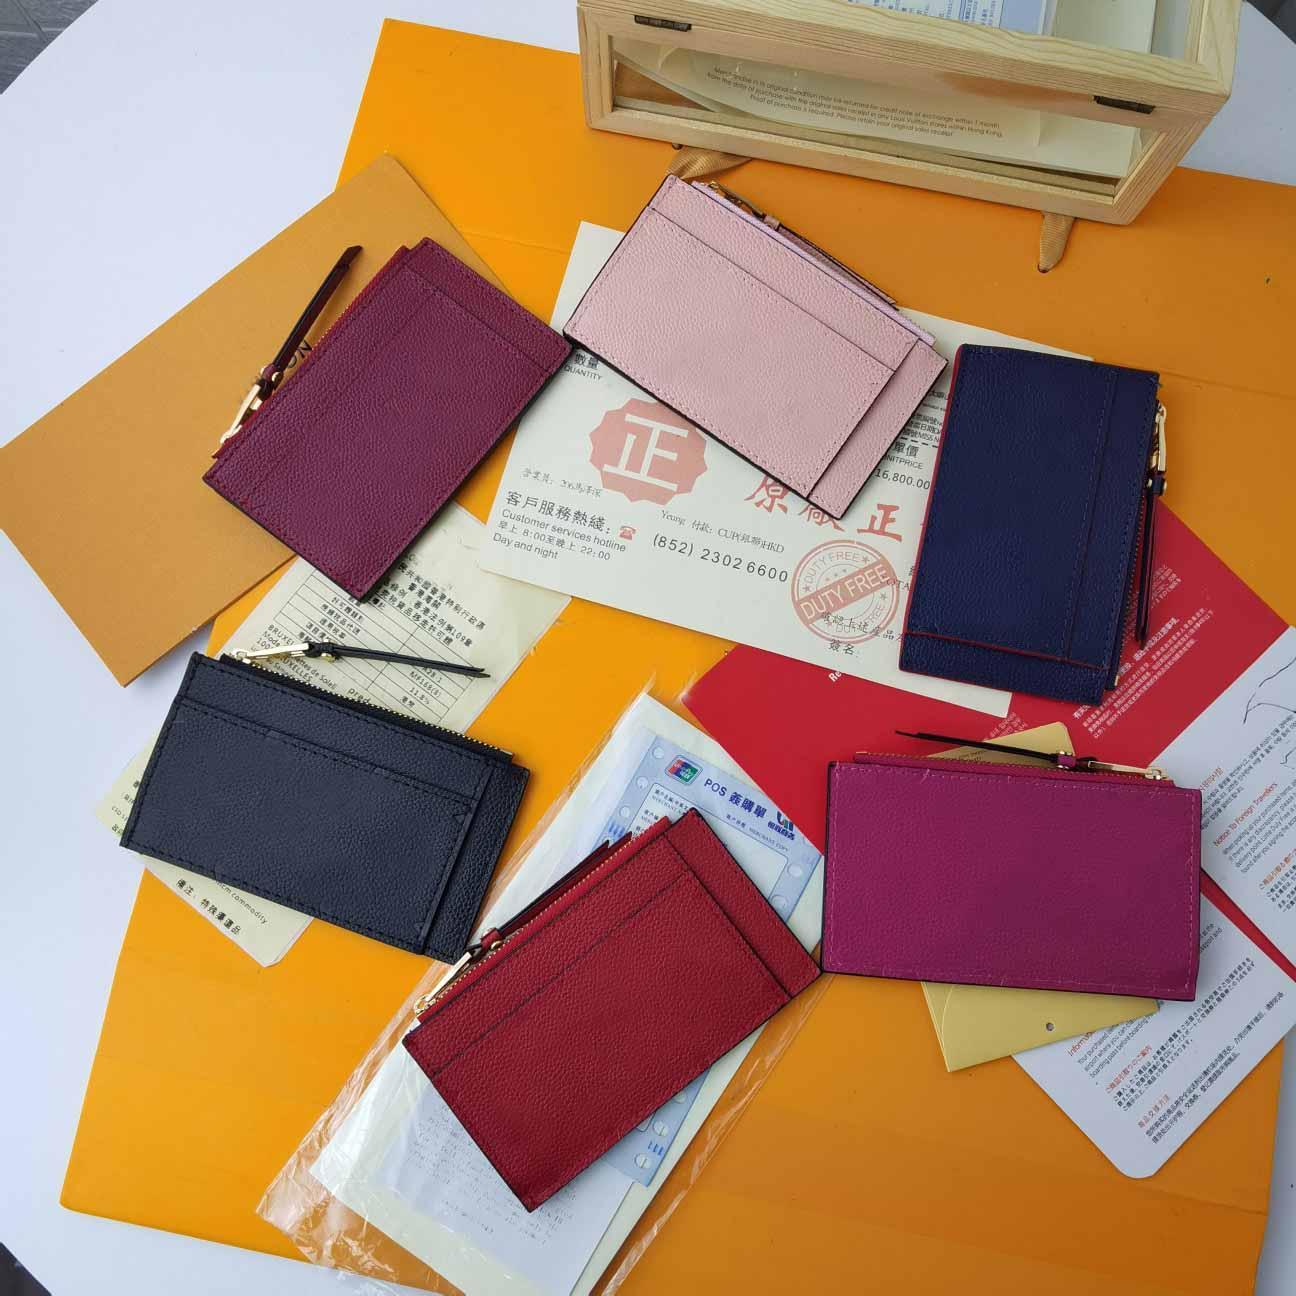 Viele Farben Neue Stil Herren Geld Clip Aluminium Mini Geldbörse Handtasche Kreditkarteninhaber Business Slim Wholesale Smail-Traver Reisebrieftasche Clutch Bag